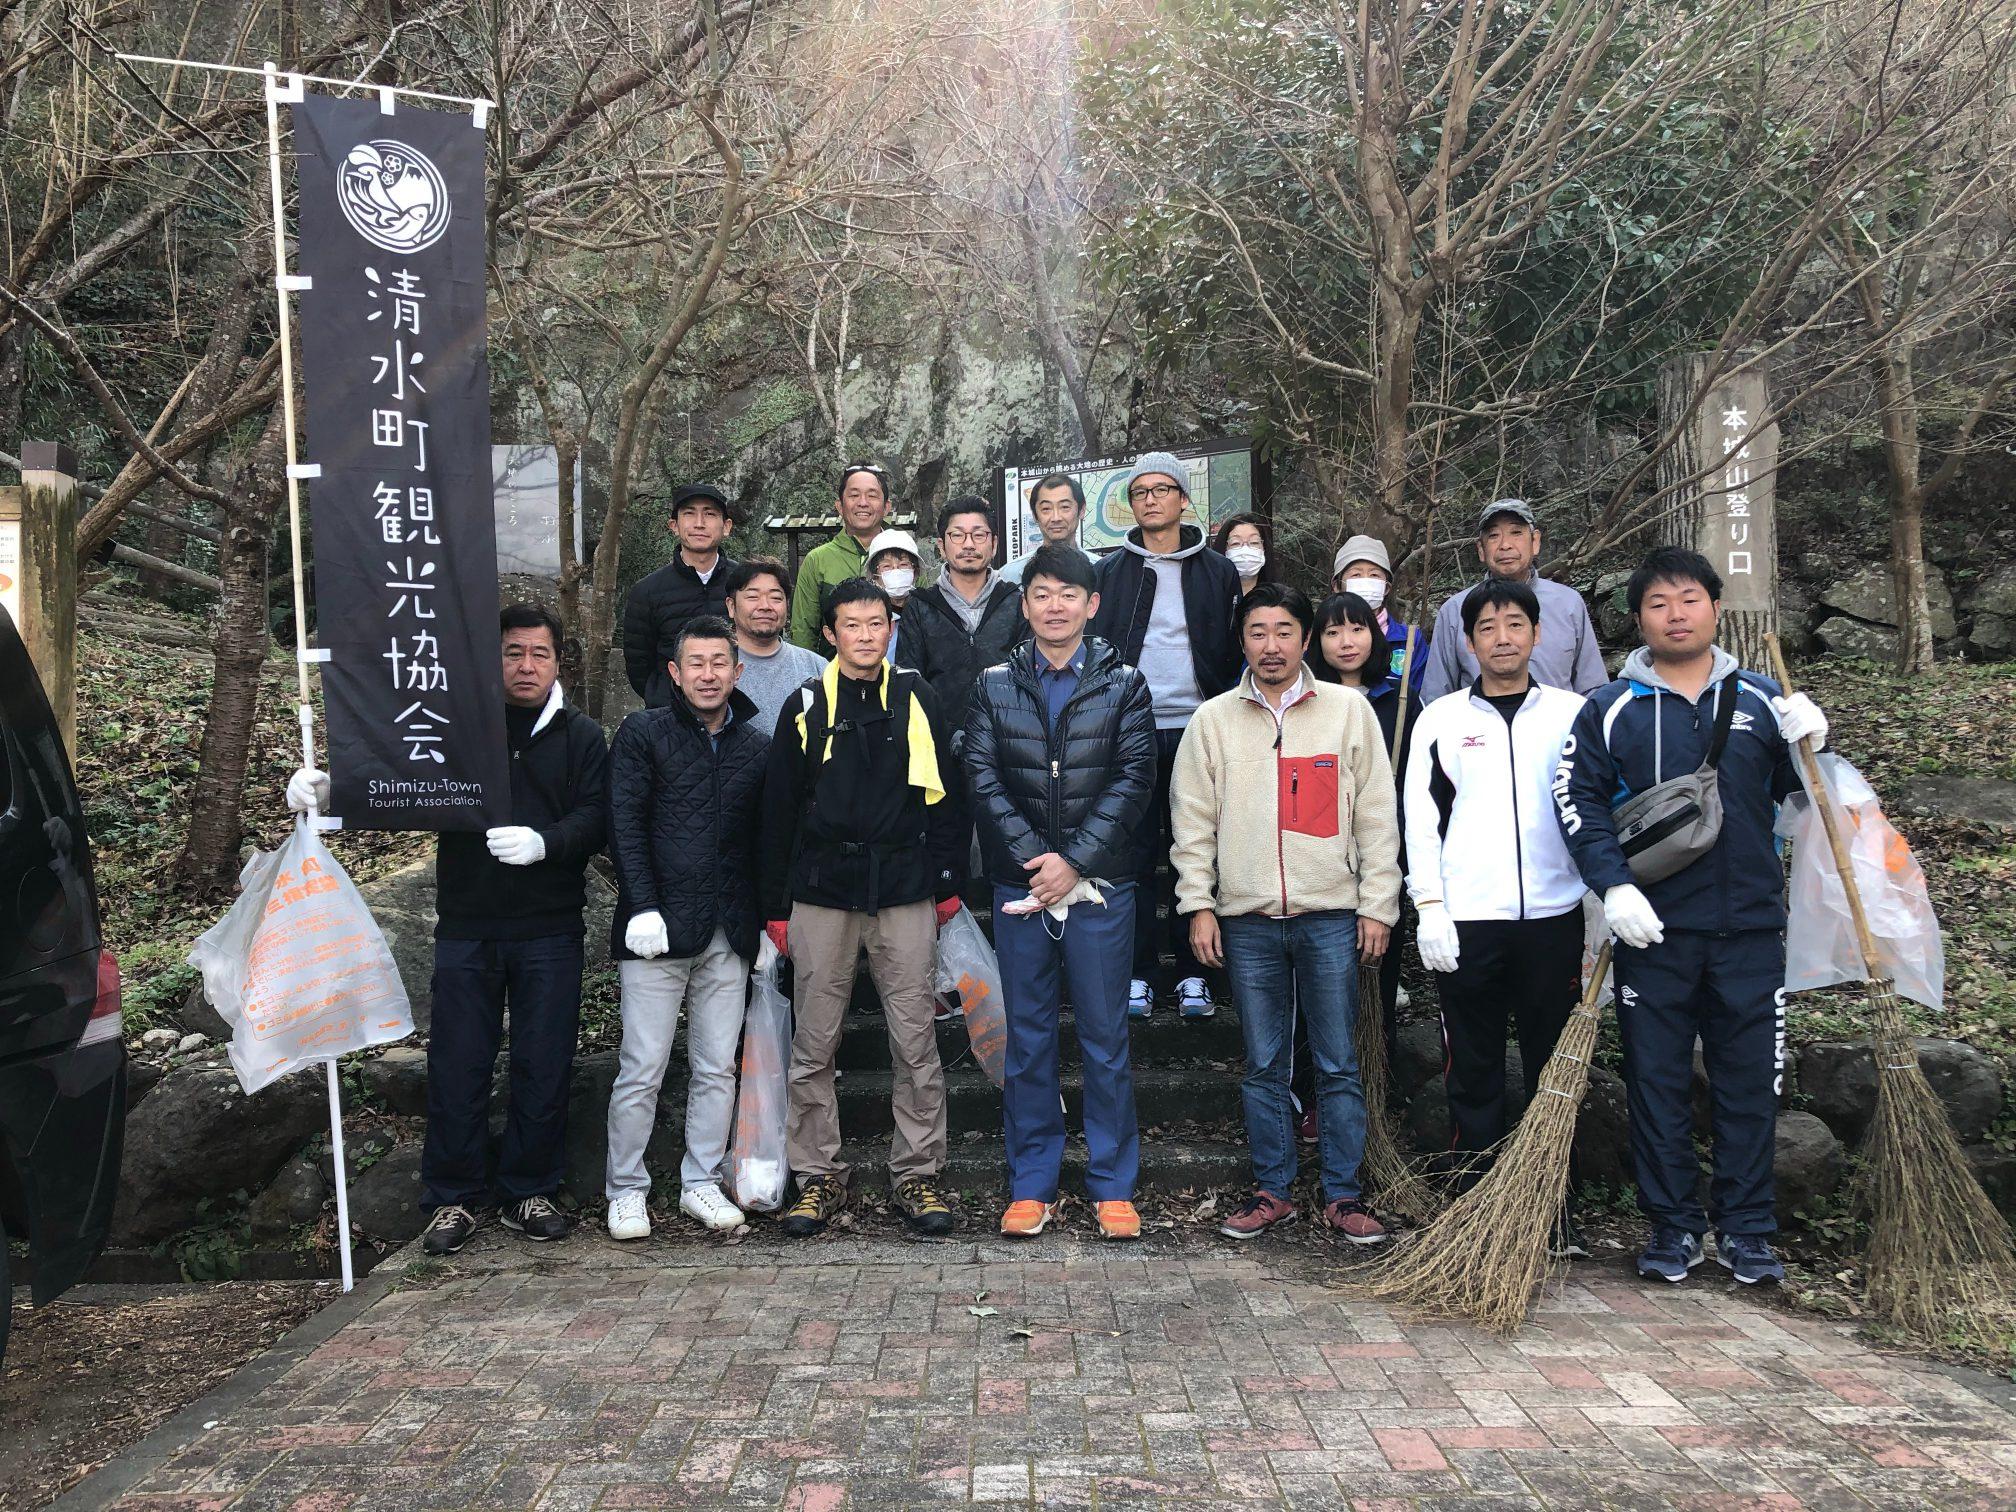 本城山ピカピカプロジェクトが開催されました!